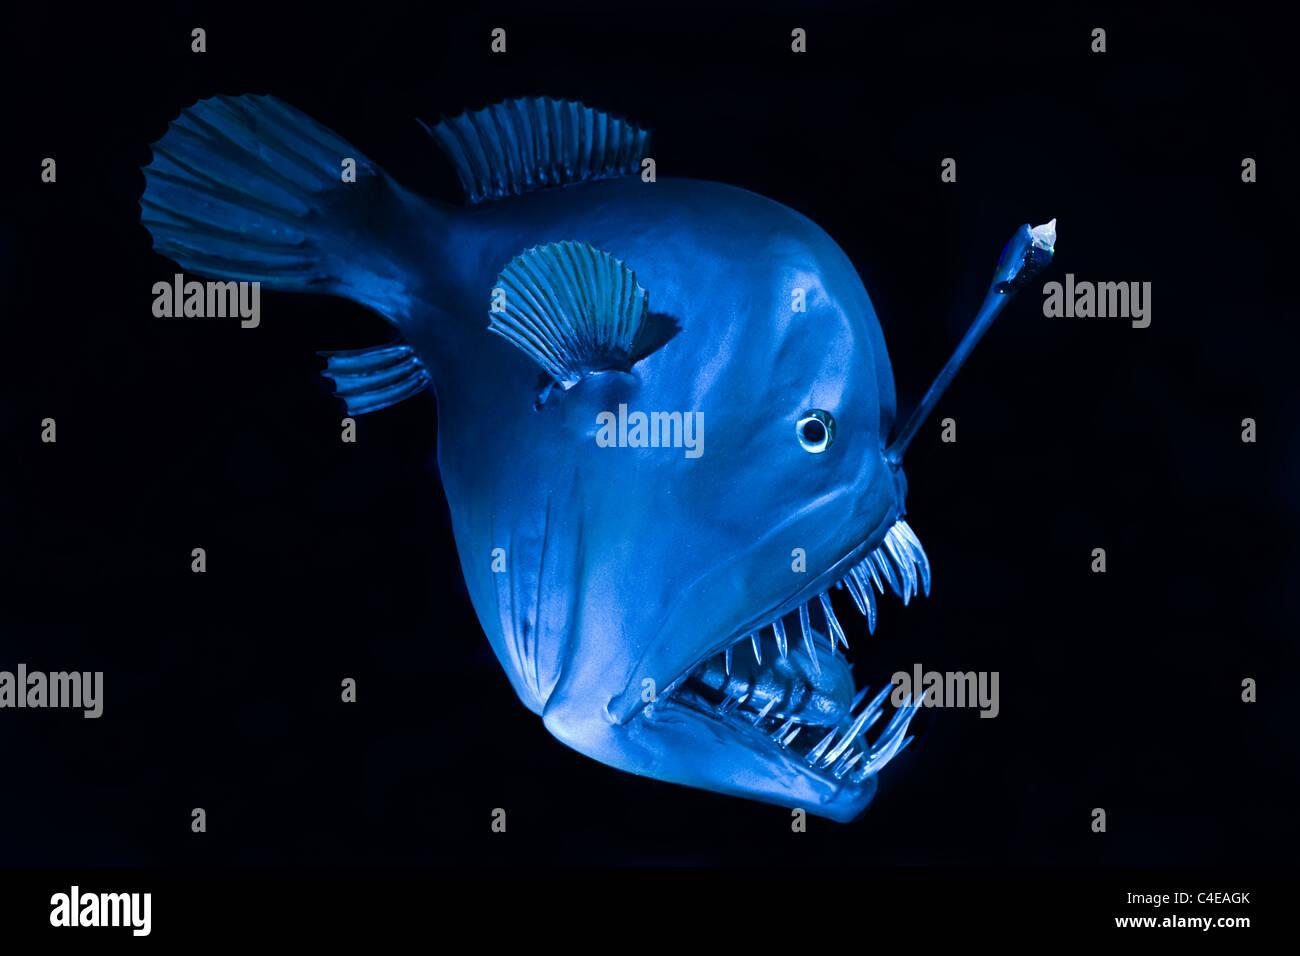 Tiefseefisch, Schwarzangler oder Buckliger Anglerfisch (Melanocetus johnsonii), Humpback anglerfish deep sea creature - Stock Image